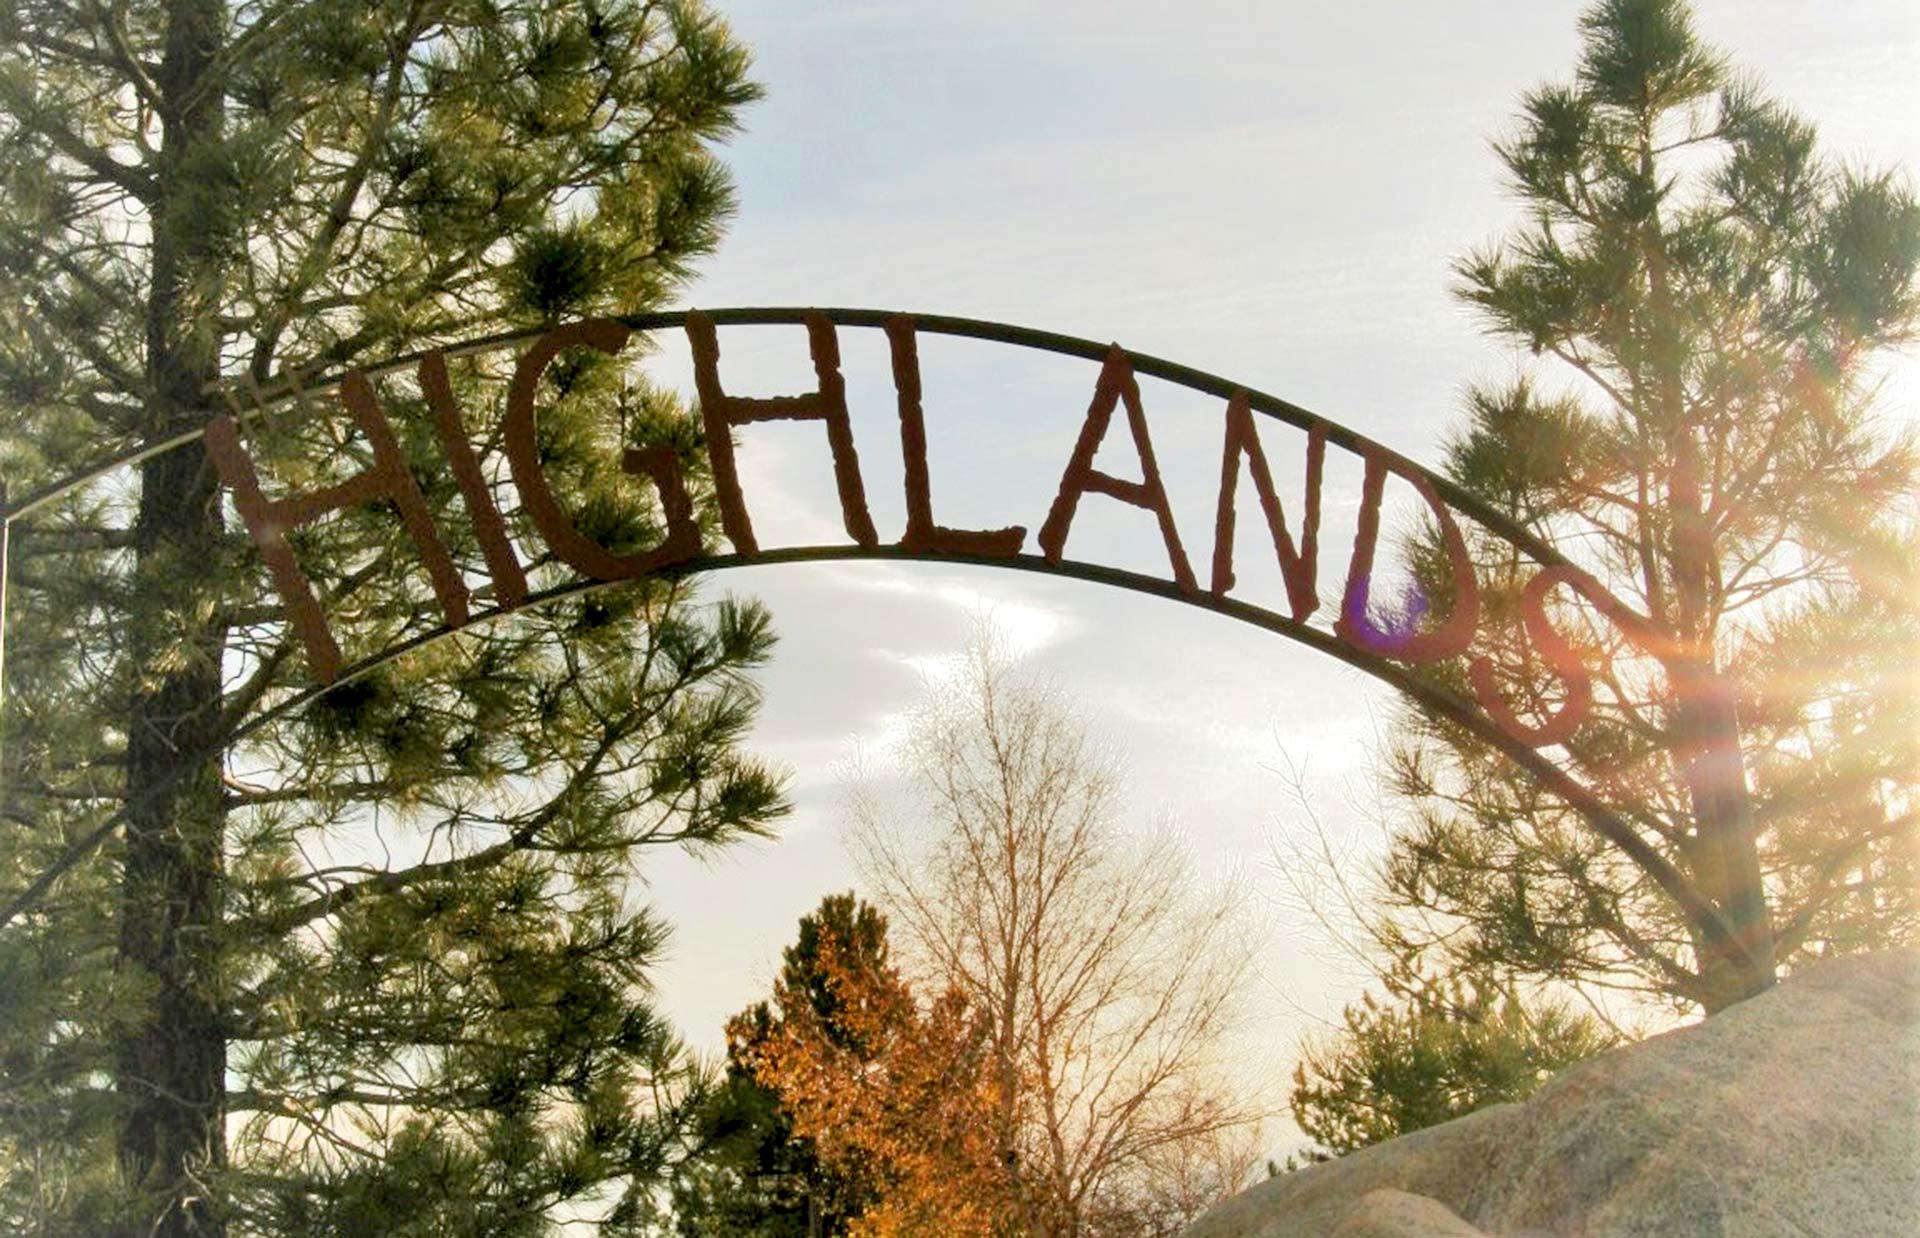 cimarron highlands homes for sale sparks nv